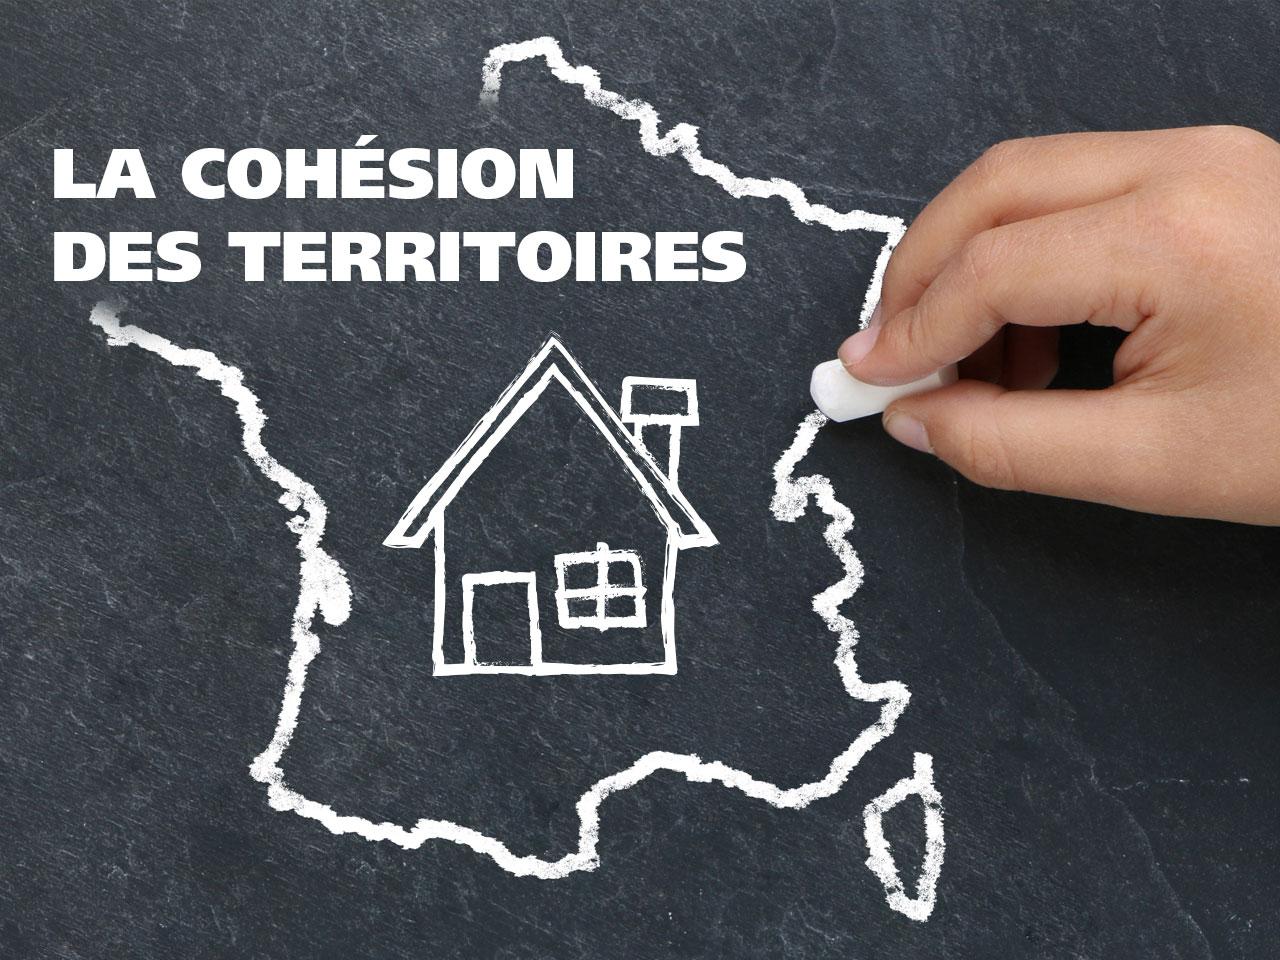 logement ministère cohésion territoires